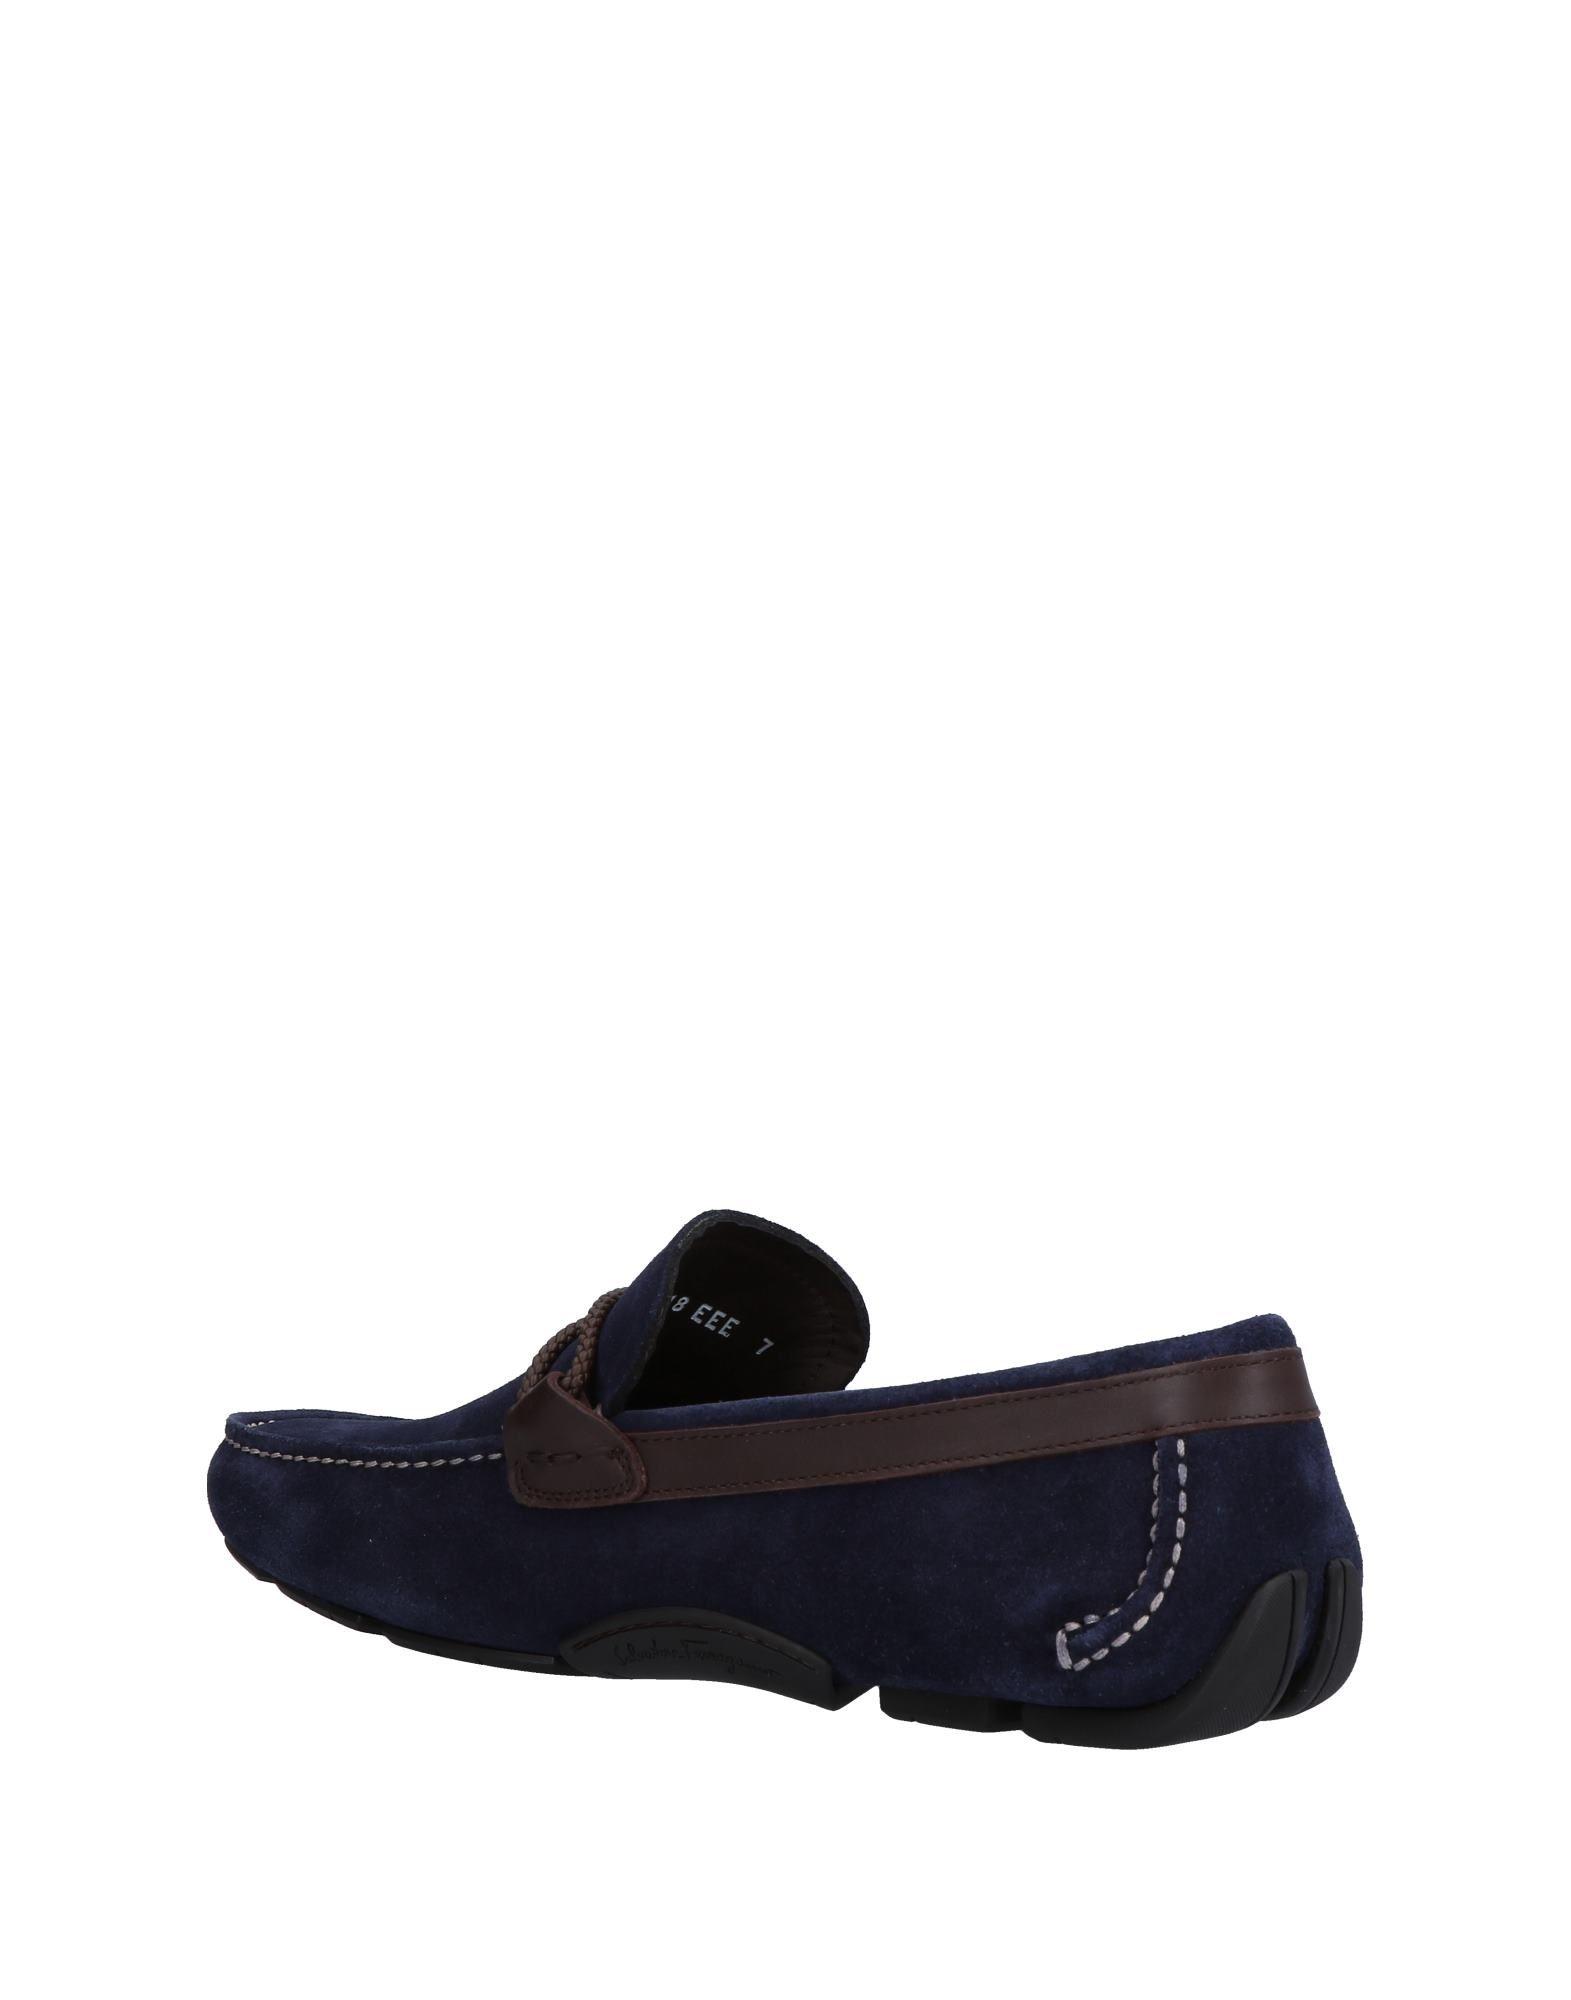 Salvatore Ferragamo Herren Mokassins Herren Ferragamo  11440356OC Neue Schuhe f90377